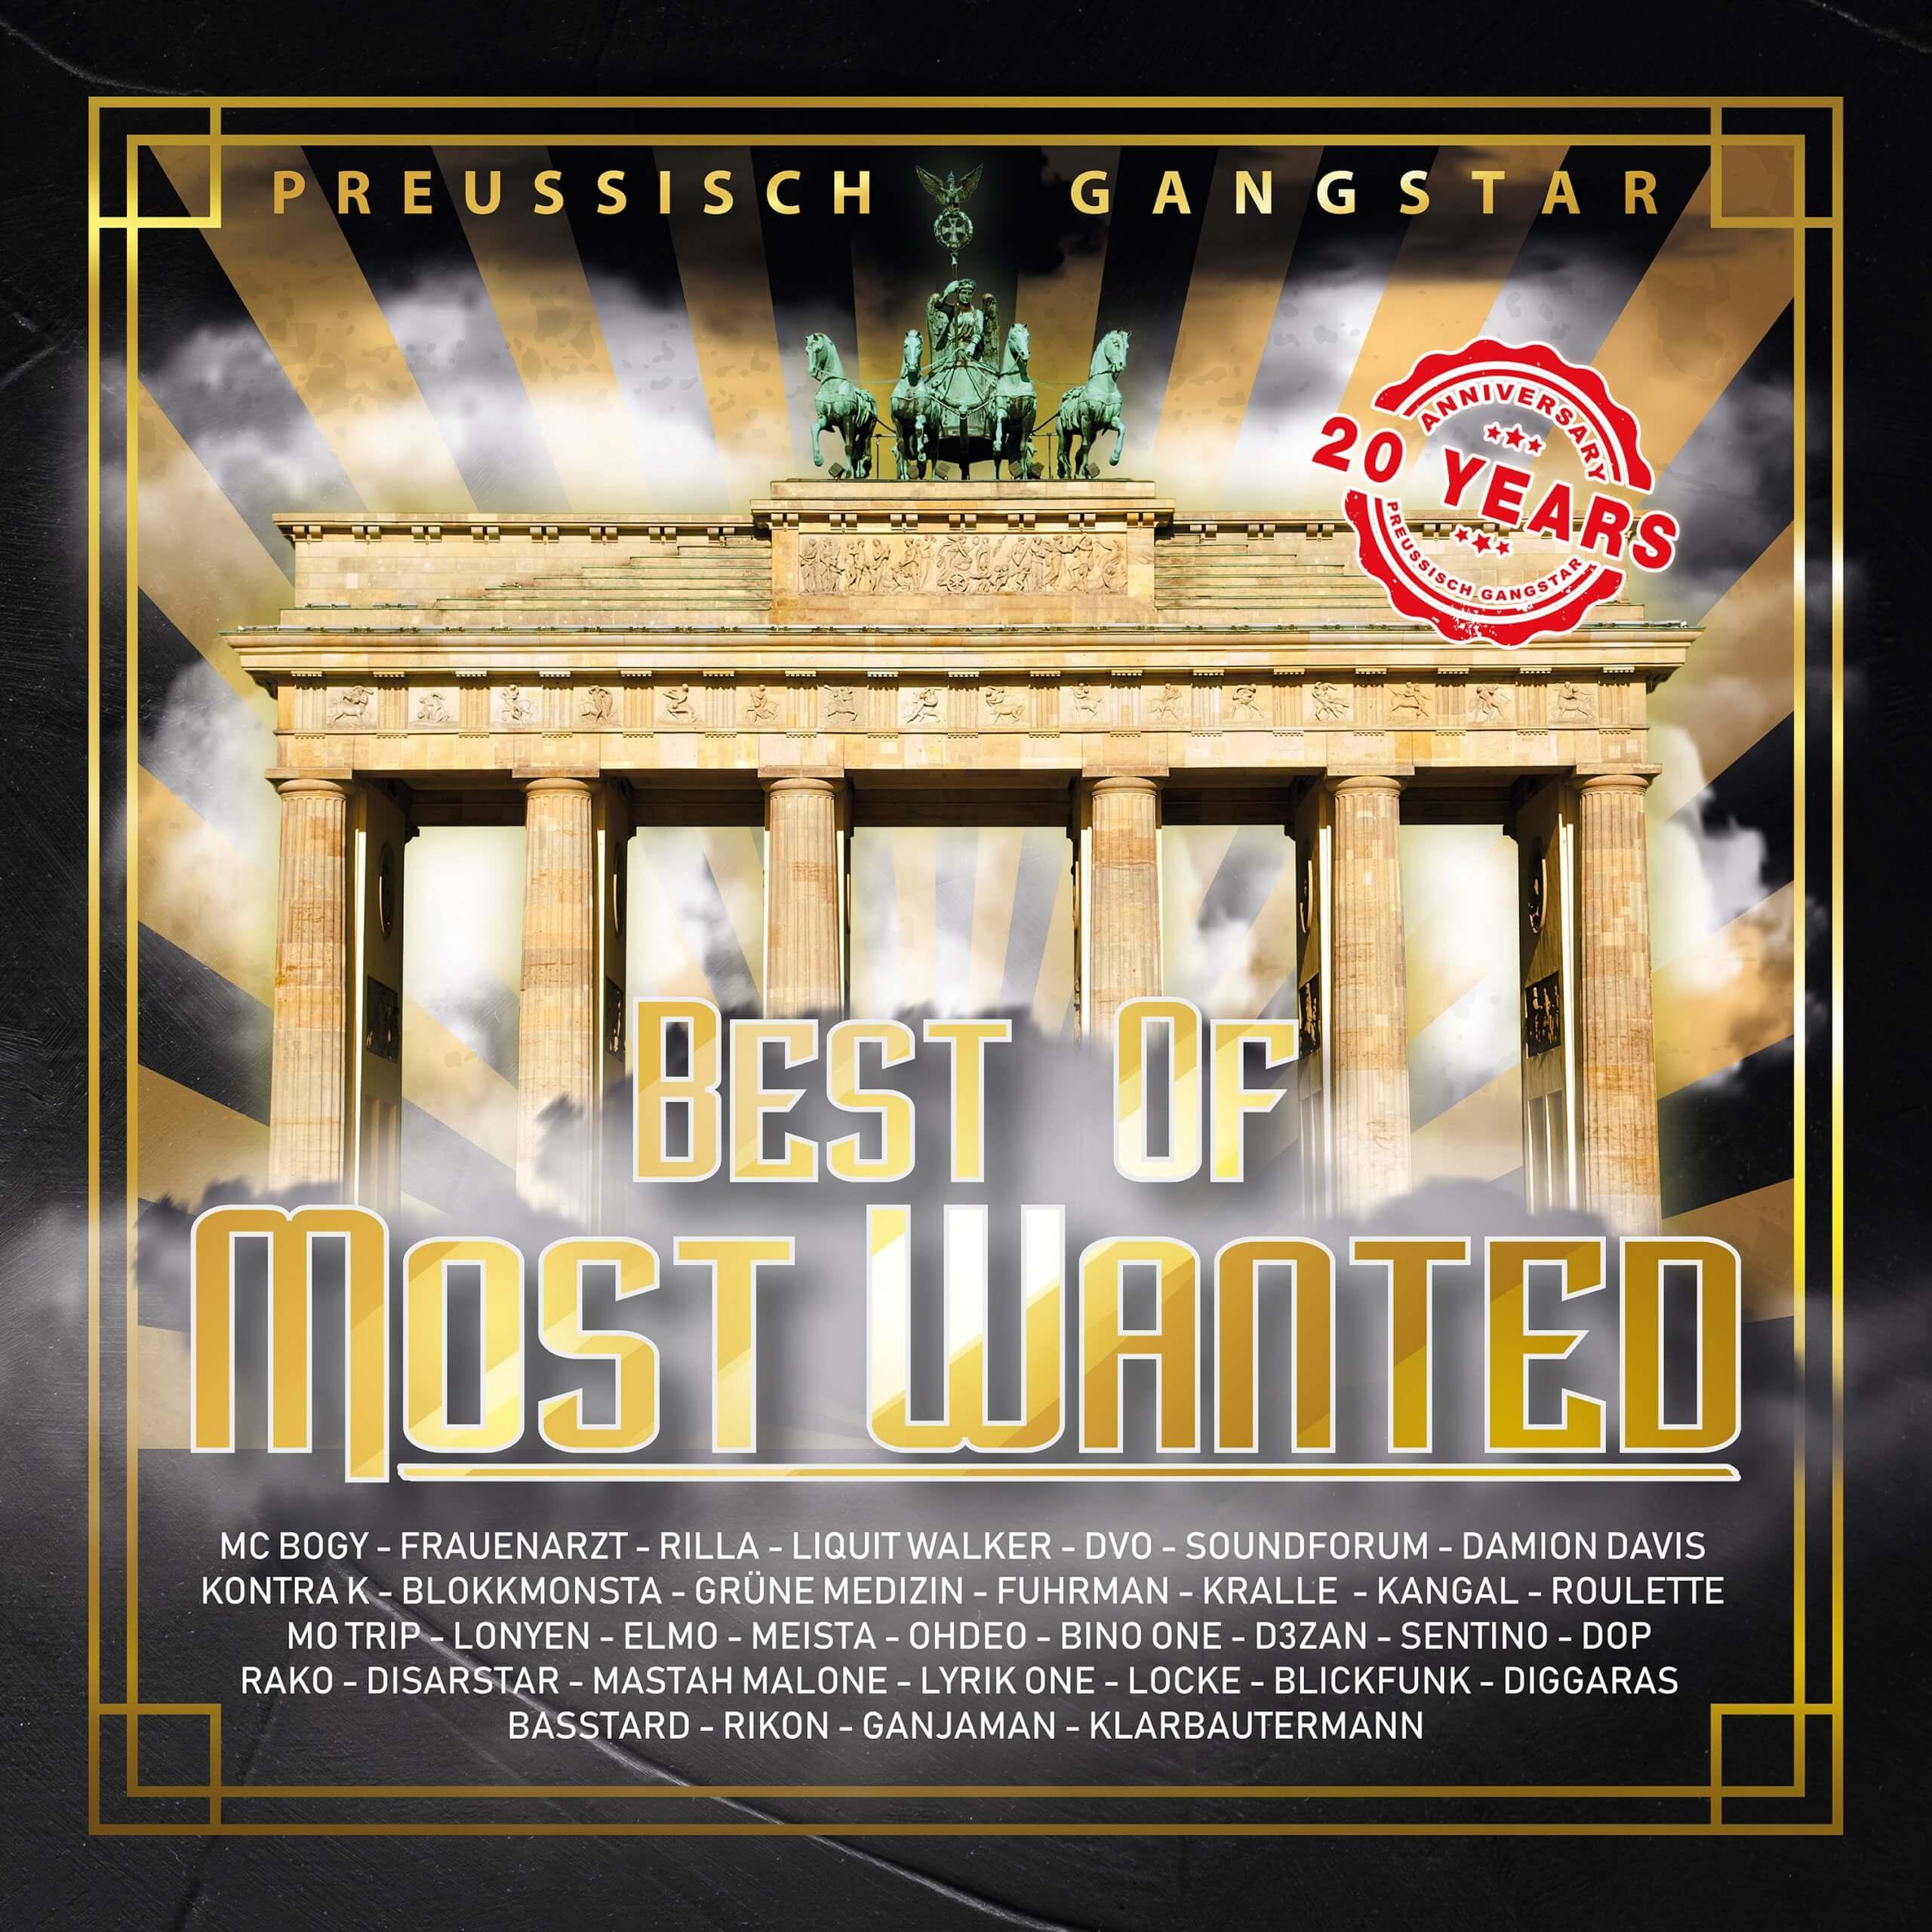 Preussisch Gangstar – Best Of Most Wanted